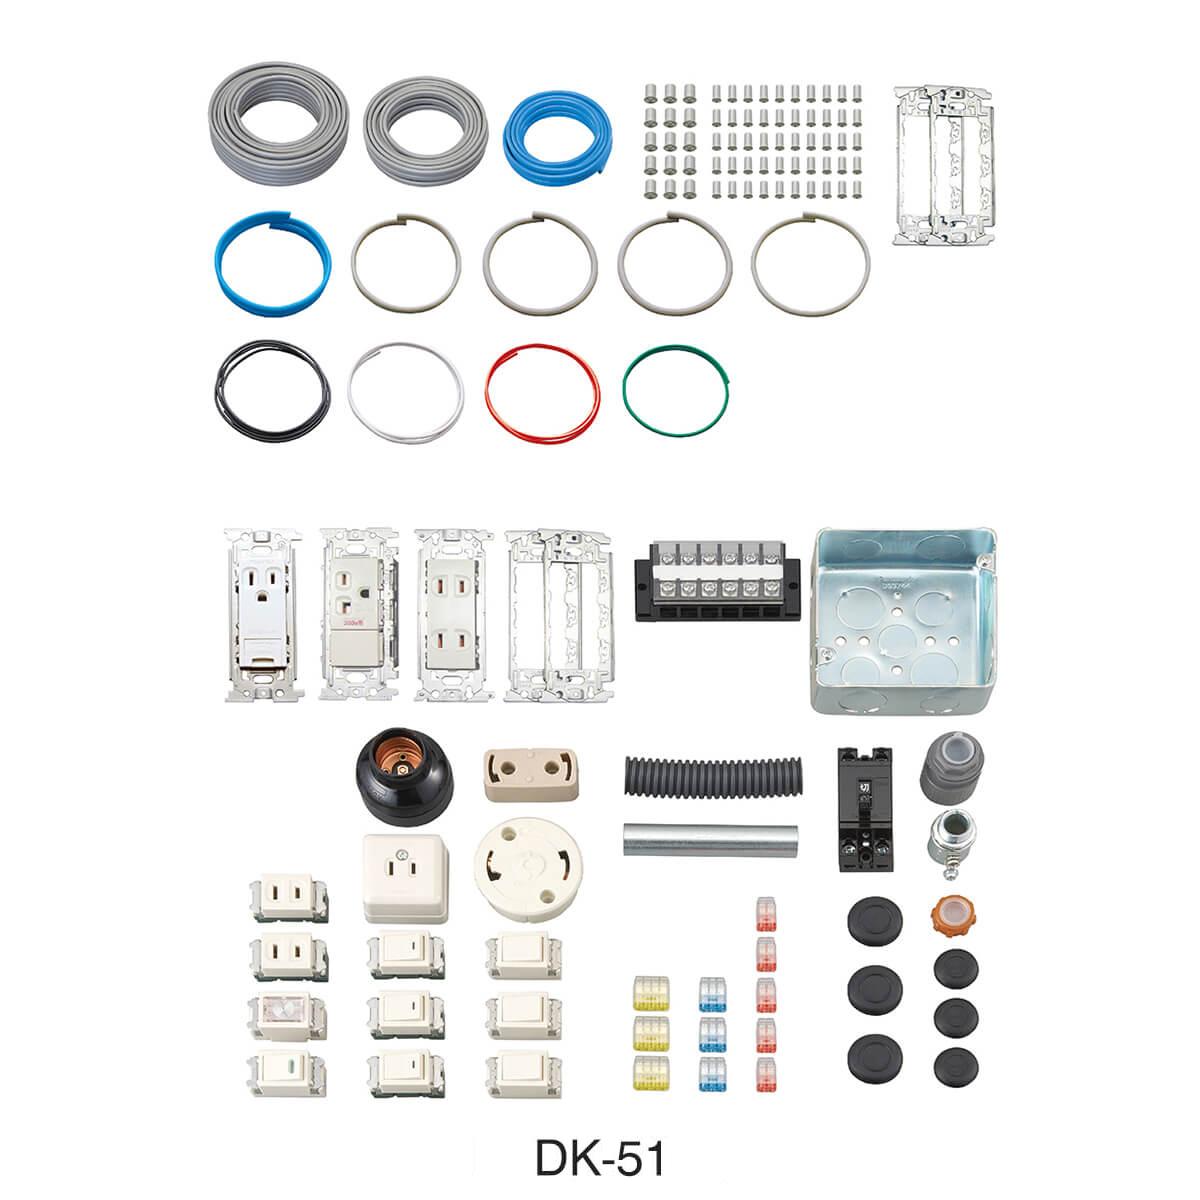 【5月おすすめ】DK-51 ホーザン(HOZAN) 第二種電工試験練習用1回セット